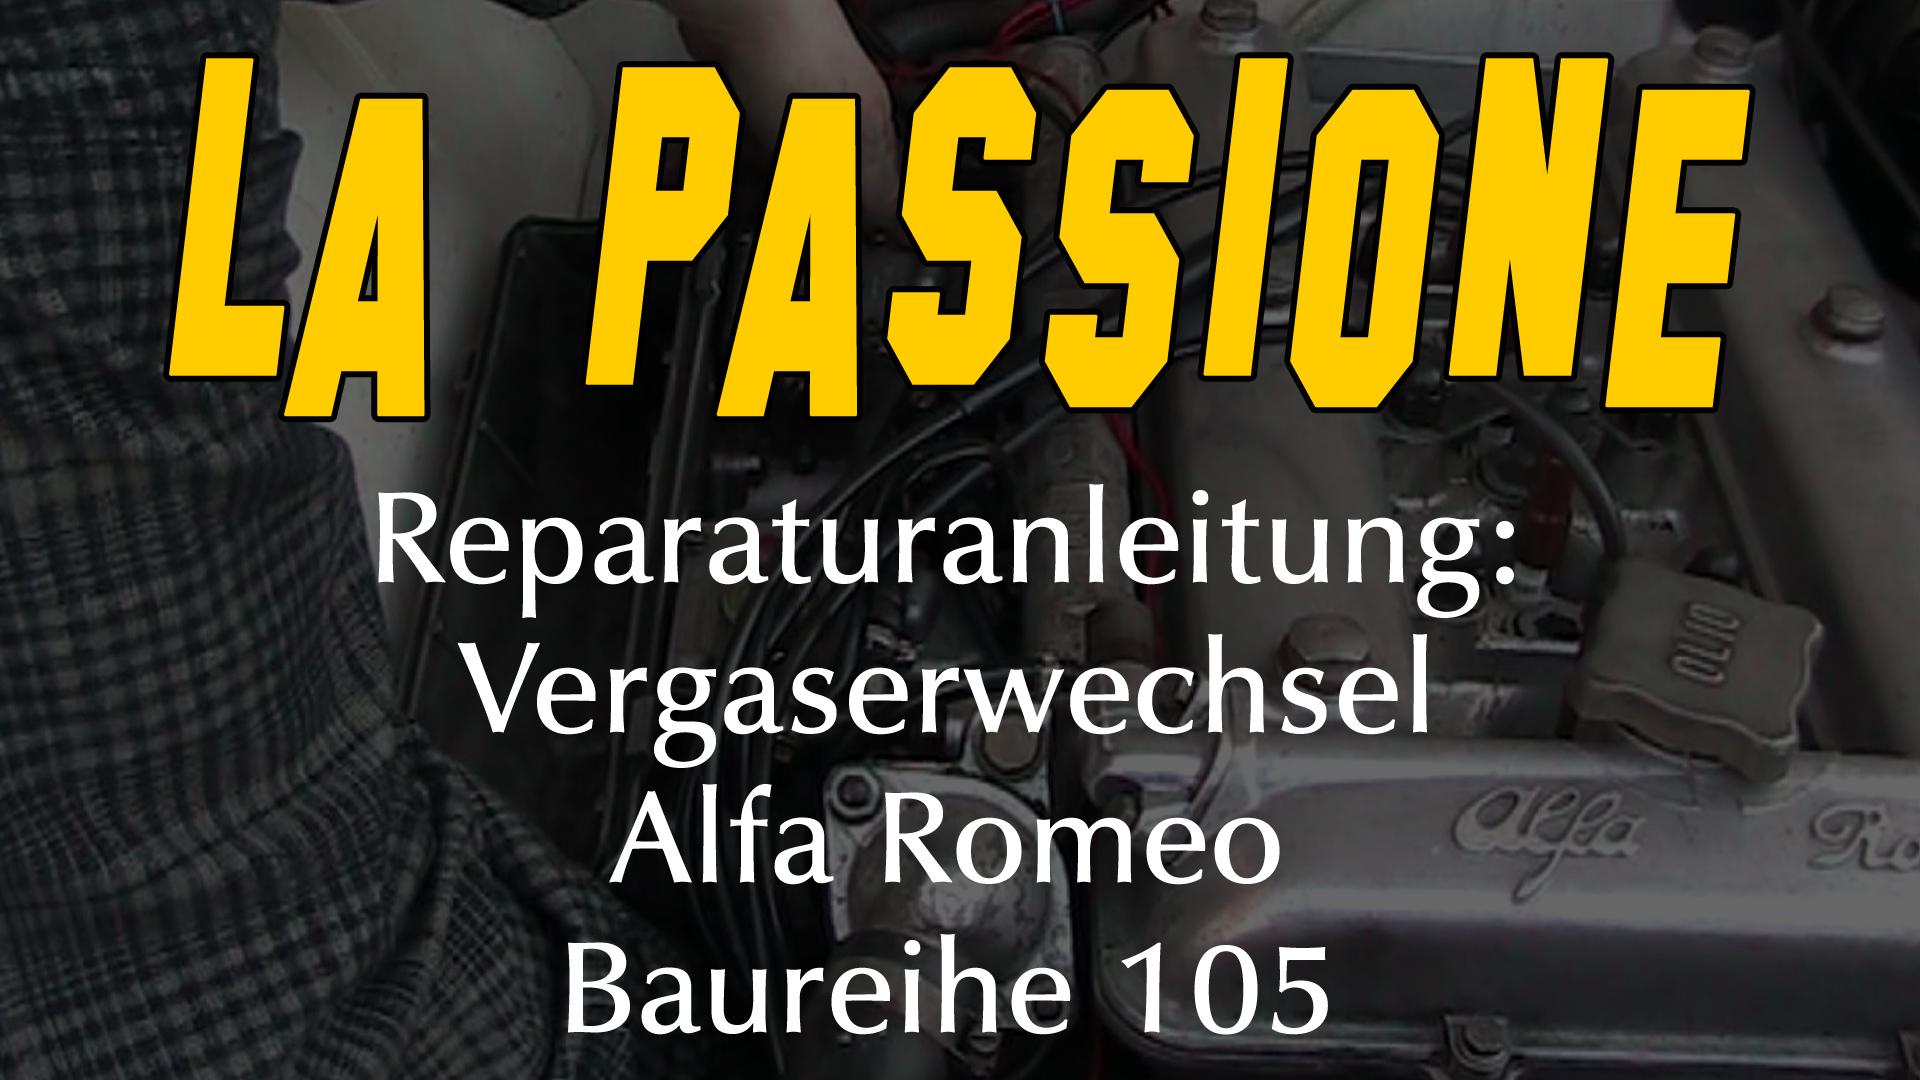 Reparaturanleitung: Vergaserwechsel (Doppelvergaser) Alfa Romeo Baureihe 105